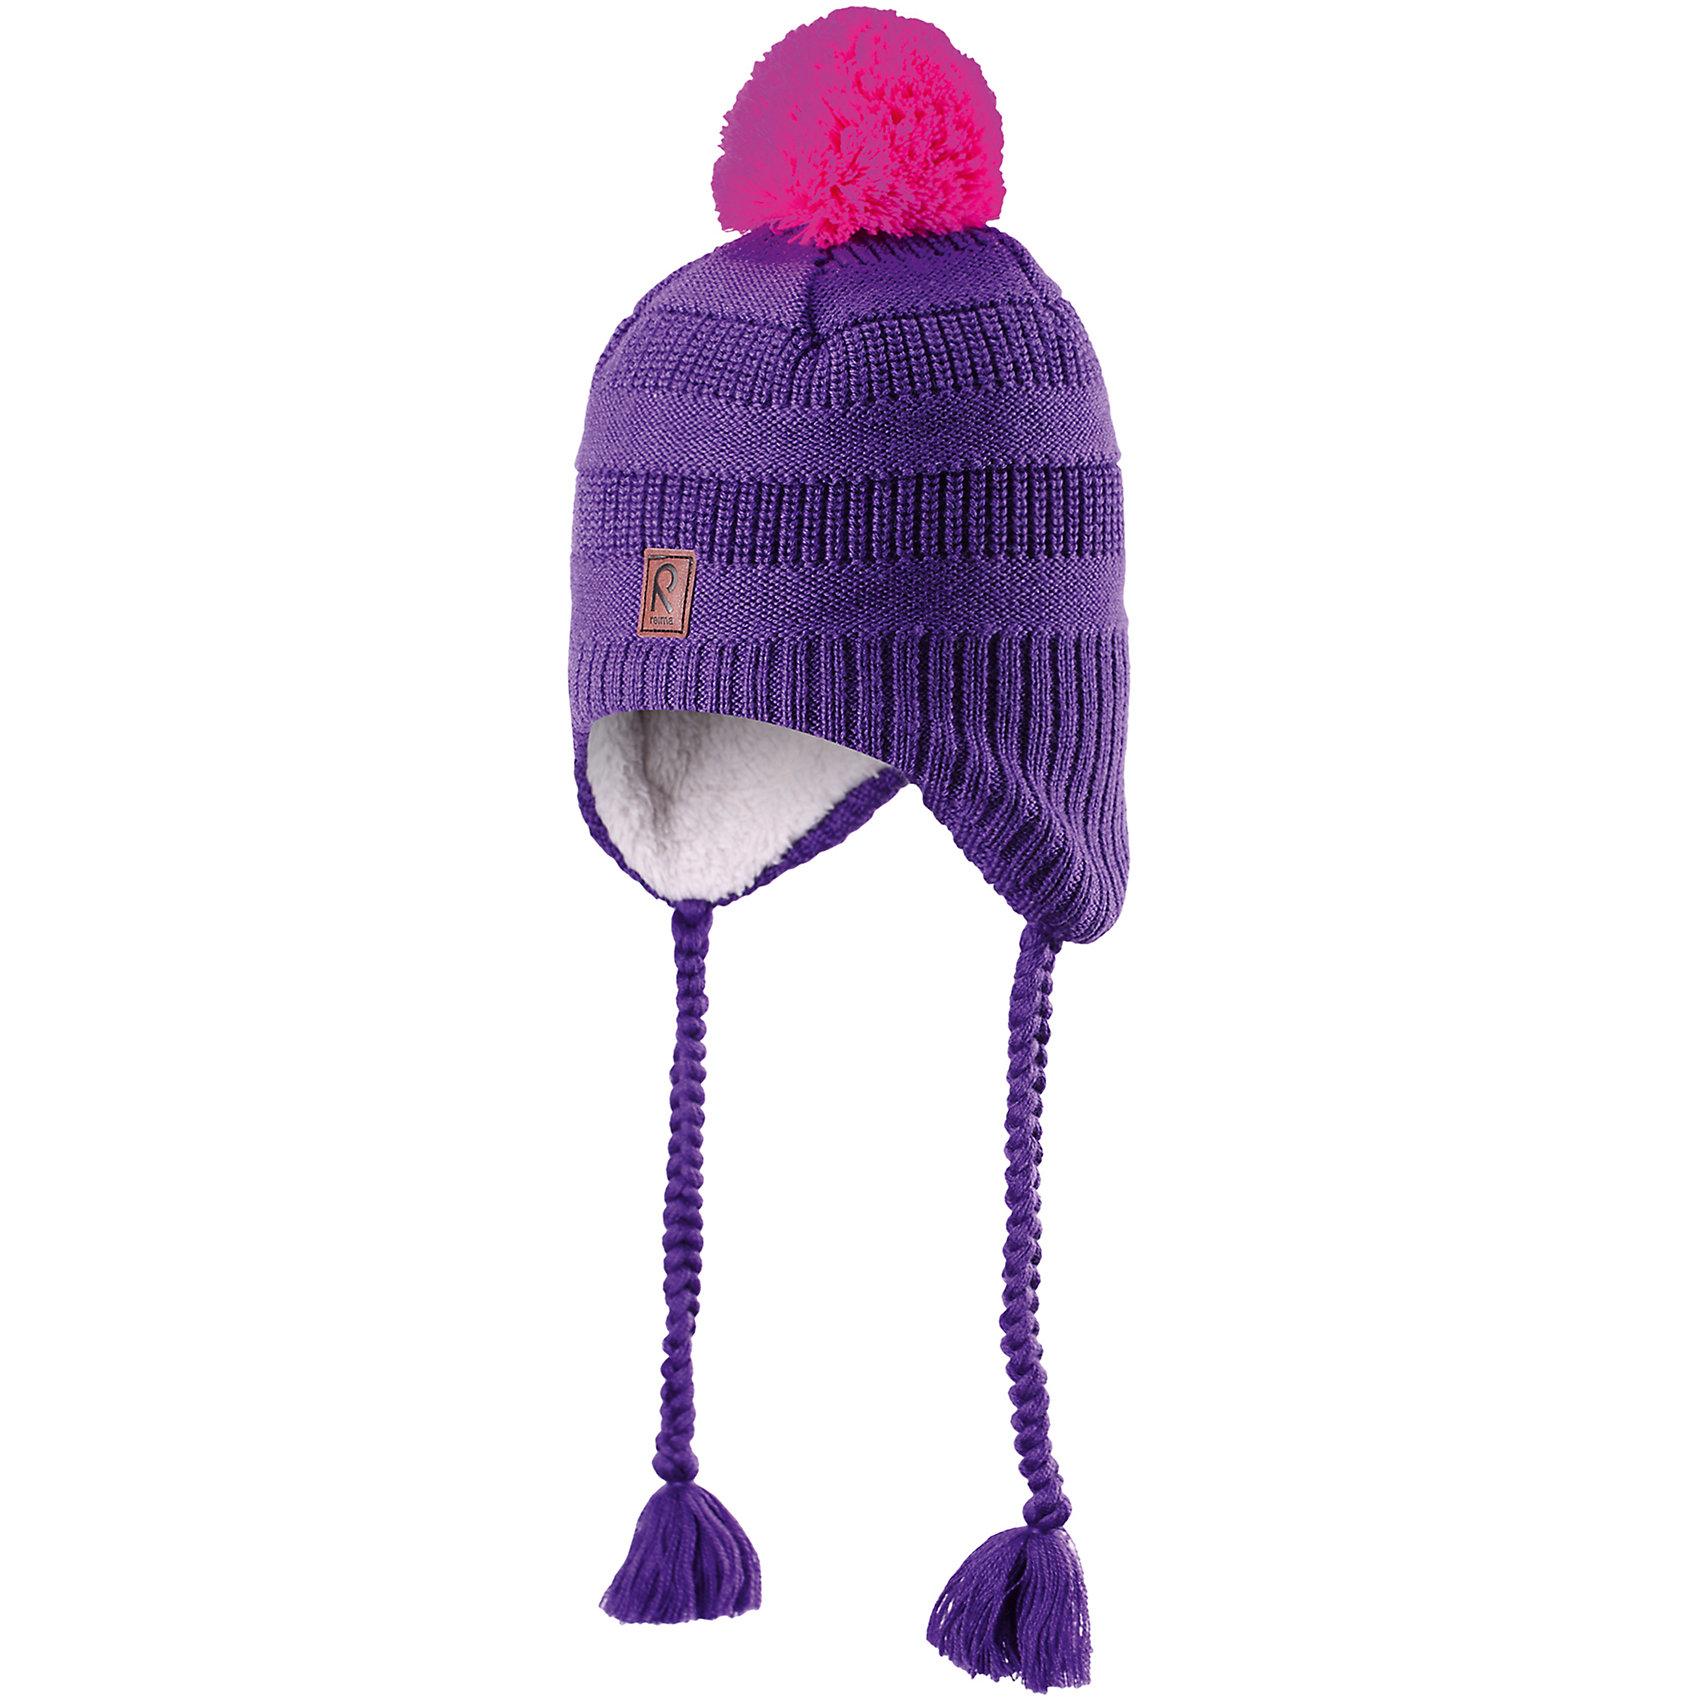 Шапка для девочки ReimaЭта забавная яркая шапочка-бини для малышей и детей постарше отлично подойдёт для активных маленьких рыцарей и принцесс! Шапка связана из смеси тёплой шерсти и имеет пушистую подкладку с начёсом, поэтому её приятно носить. Ветронепроницаемые вставки в области ушей защитят от холодного зимнего ветра, поэтому маленькие ушки не замёрзнут, когда ребёнок будет играть на улице. Симпатичный помпон и объемный узор в виде кос завершают образ!<br><br>Шапка-бини для малышей и детей постарше<br>Связана из смеси тёплой шерсти<br>Полностью на подкладке: Мягкий, тёплый полиэстер с начёсом<br>Ветронепроницаемые вставки в области ушей<br>Состав:<br>50% Шерсть 50% Акрил<br><br><br>Шапку Reima (Рейма) можно купить в нашем магазине.<br><br>Ширина мм: 89<br>Глубина мм: 117<br>Высота мм: 44<br>Вес г: 155<br>Цвет: фиолетовый<br>Возраст от месяцев: 12<br>Возраст до месяцев: 24<br>Пол: Женский<br>Возраст: Детский<br>Размер: 52,50,48,54<br>SKU: 4208808